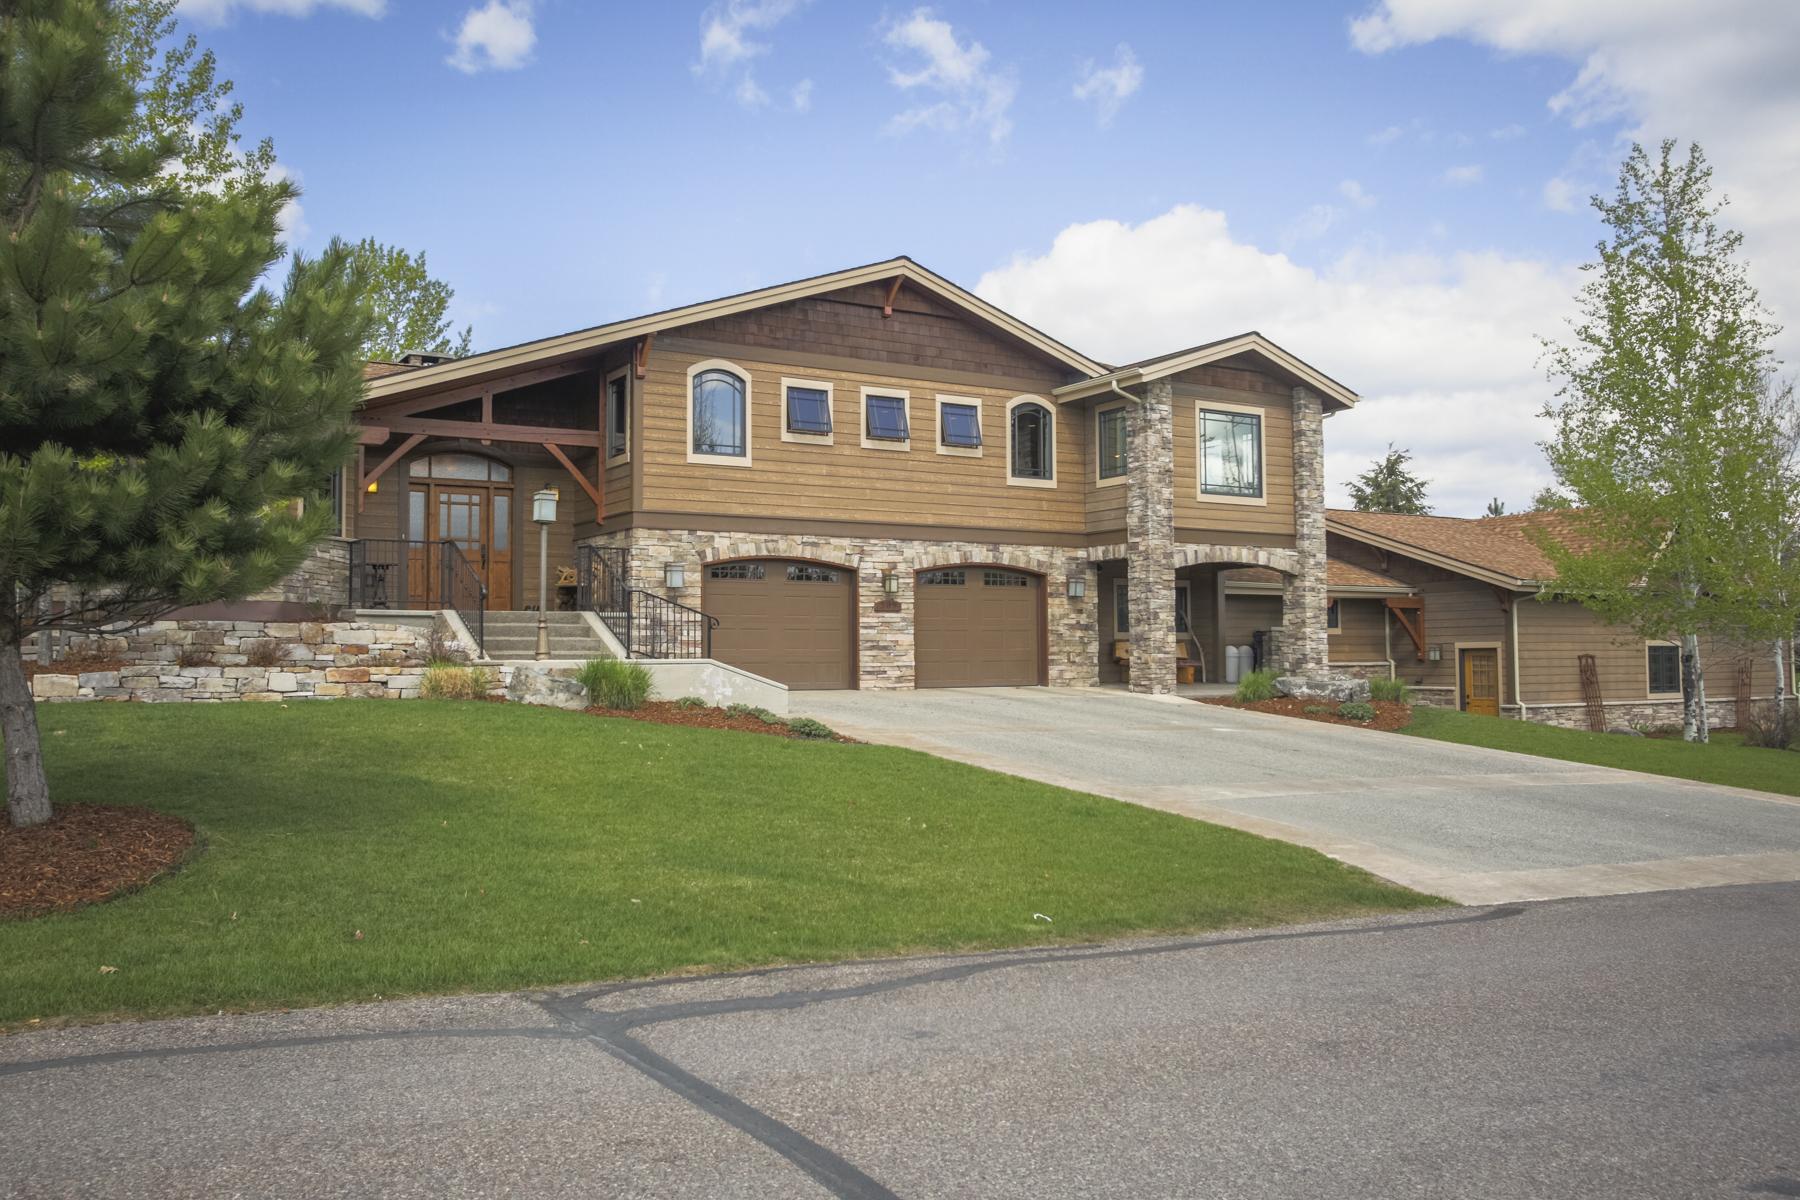 Casa Unifamiliar por un Venta en Whitefish Lake Golf Course Home 309 Fairway Dr Whitefish, Montana 59937 Estados Unidos